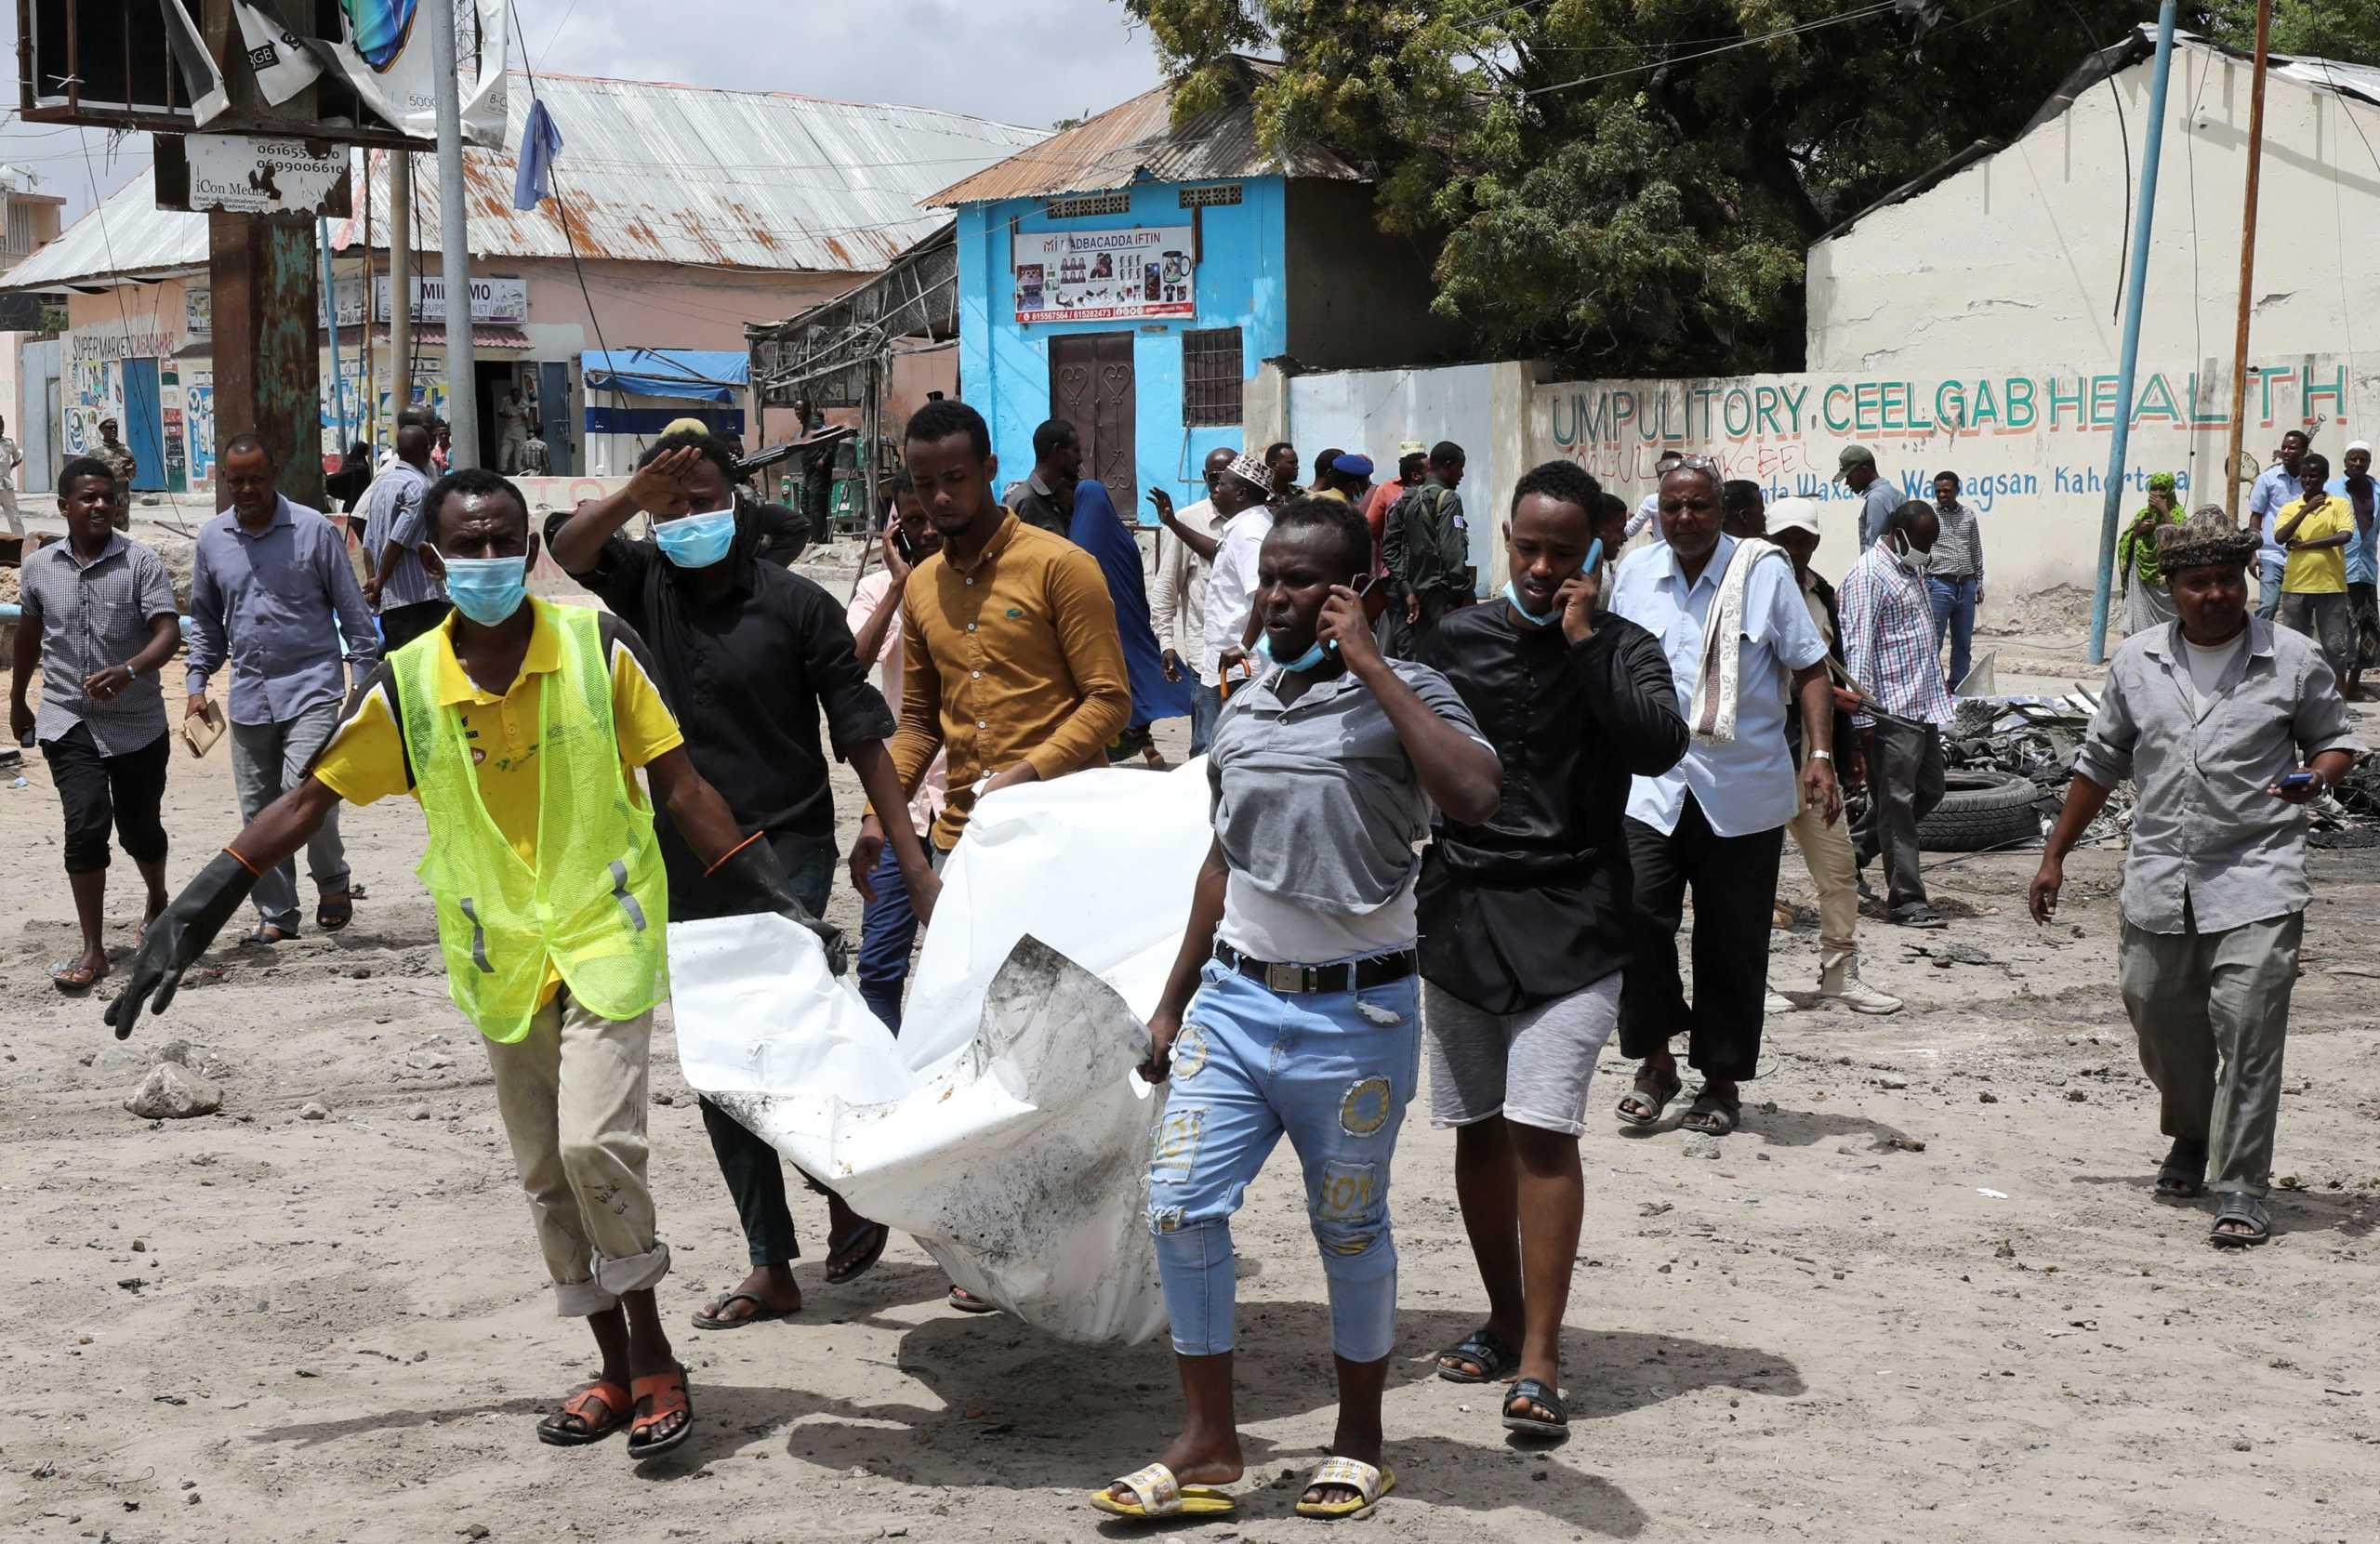 Σομαλία: 8 νεκροί σε επίθεση της Σεμπάμπ στην πρωτεύουσα Μογκαντίσου